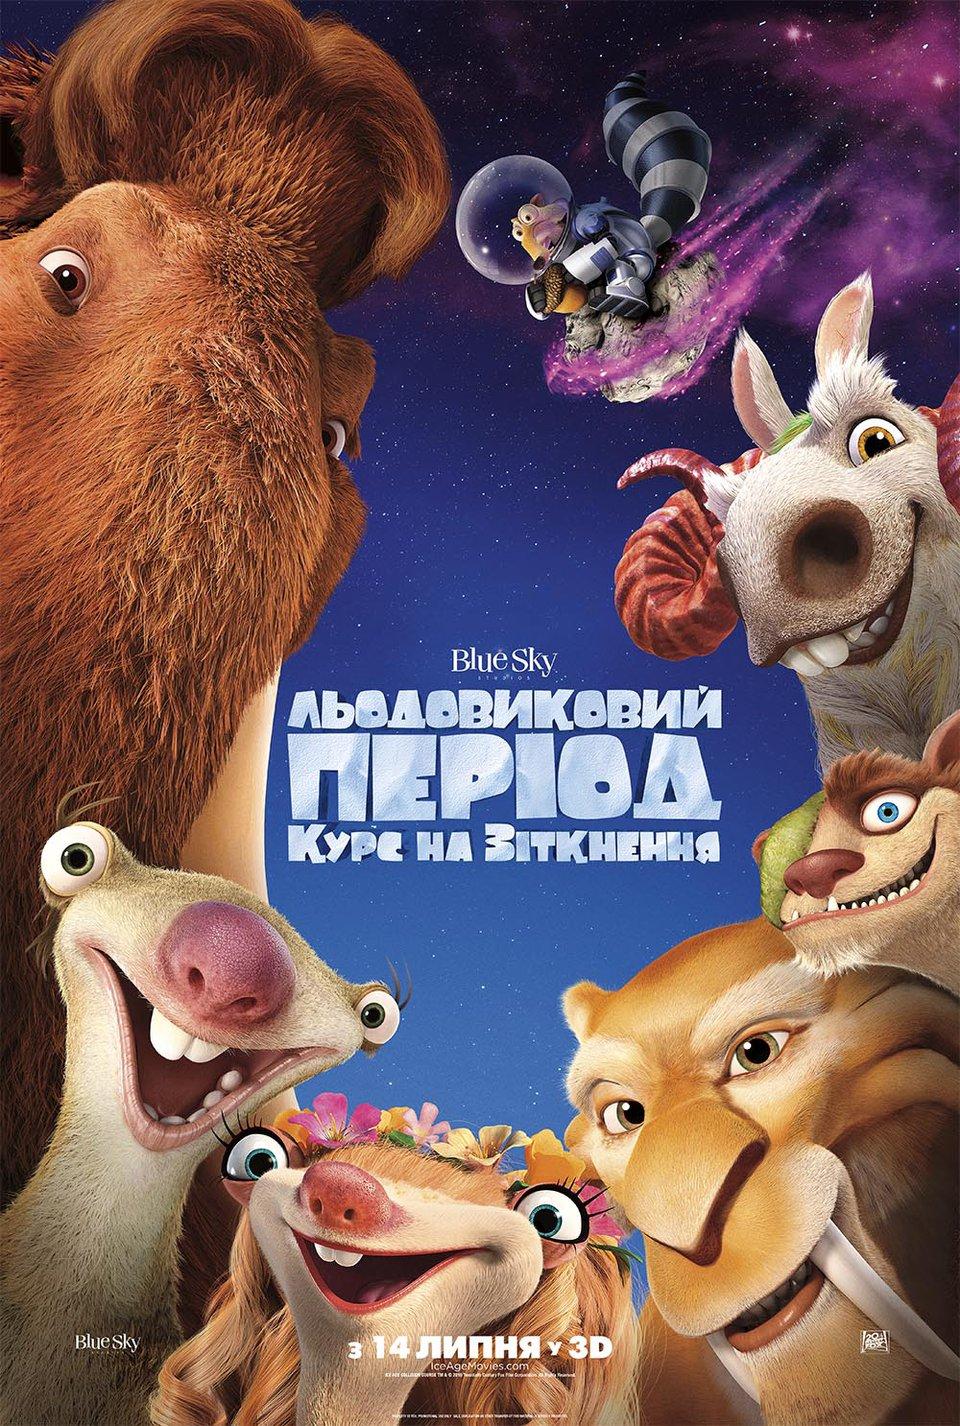 Кадры из фильма смотреть мультфильм ледниковый период смотреть ютуб